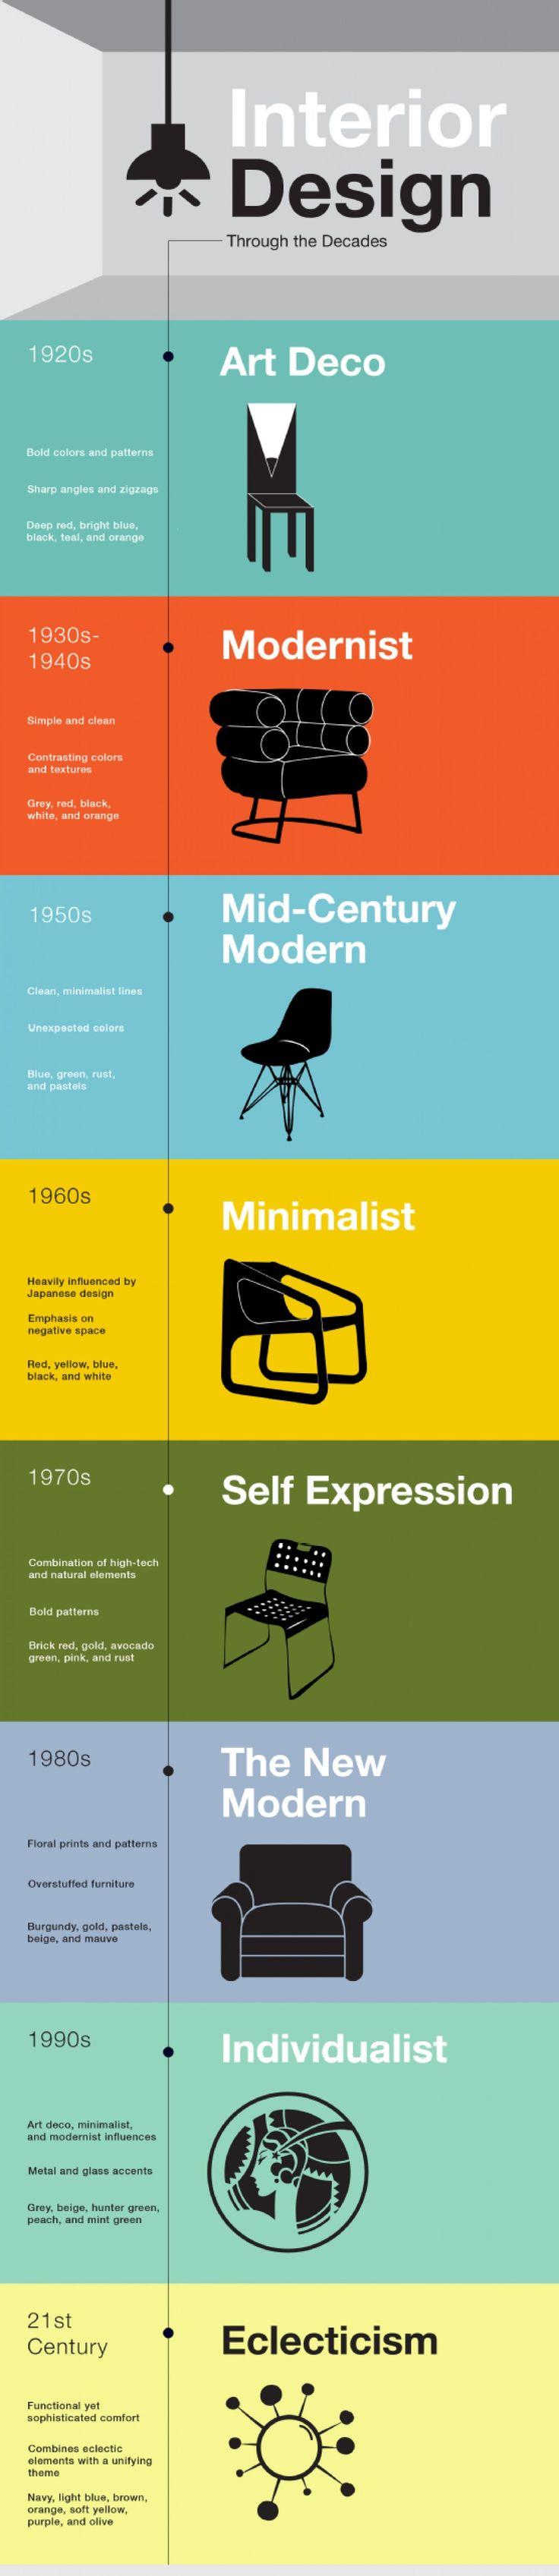 O que falar sobre o Design de Interiores? Chega de fininho mas muda tudo ao redor. Mesmo com tamanha importância, não se sabe ao certo como surgiu. Sabe-se apenas que é uma arte tão antiga quanto a…